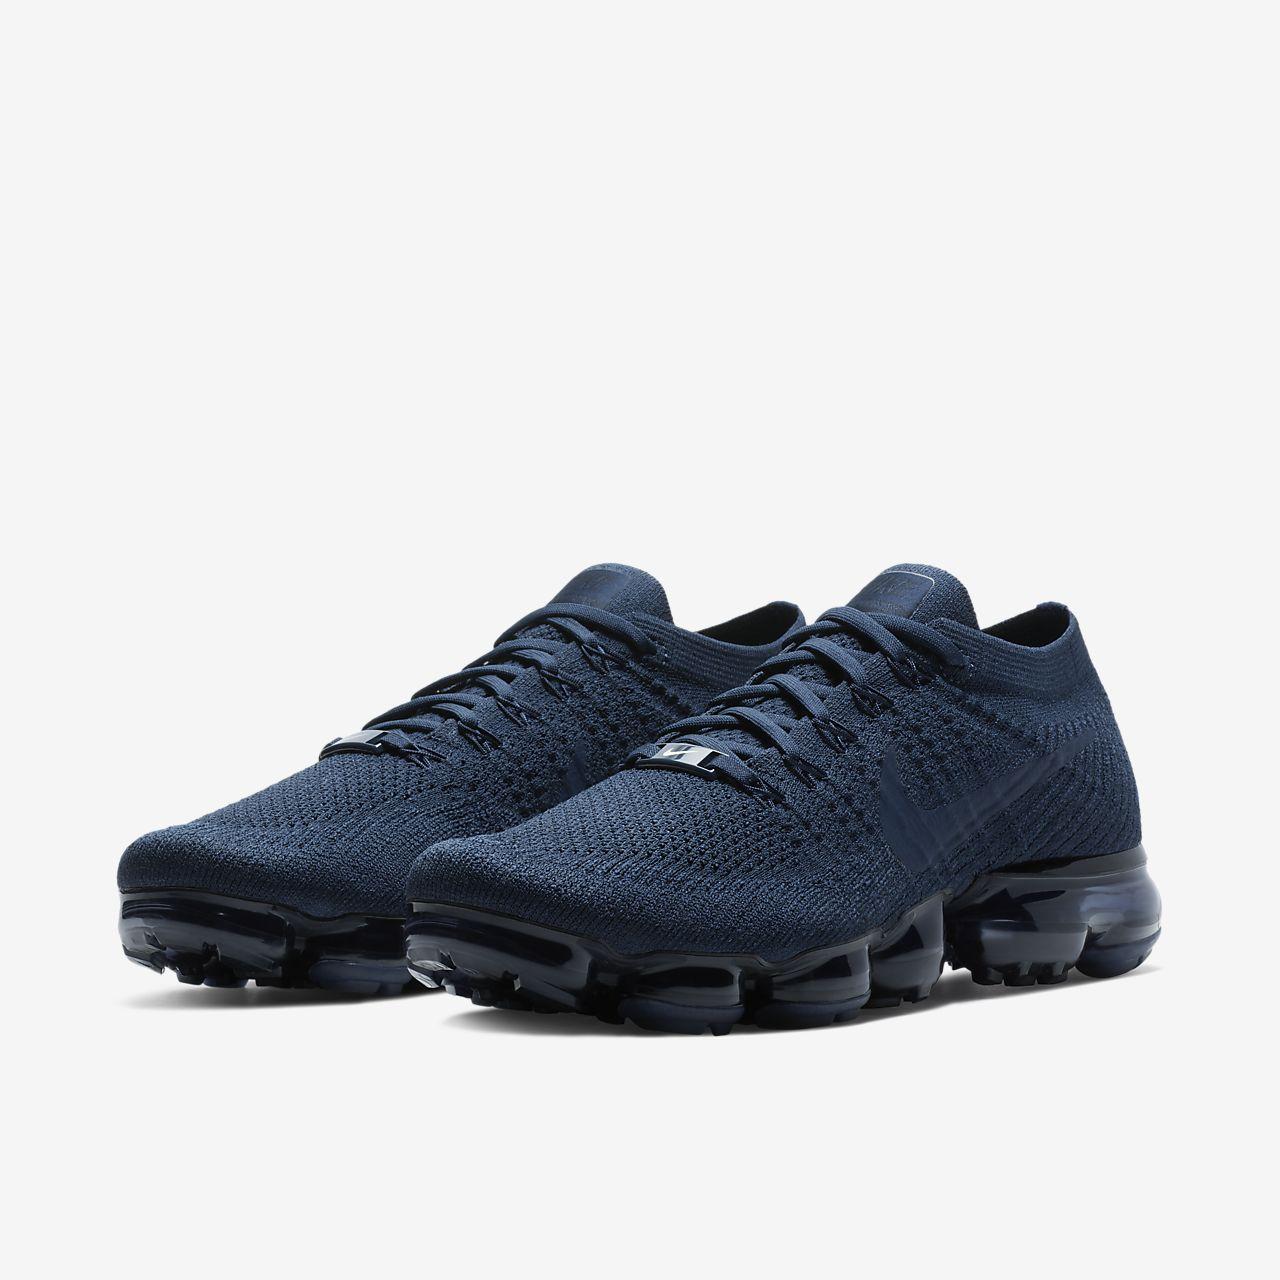 6142a18a058 Nike VaporMax Midnight Navy Men s Running Shoes